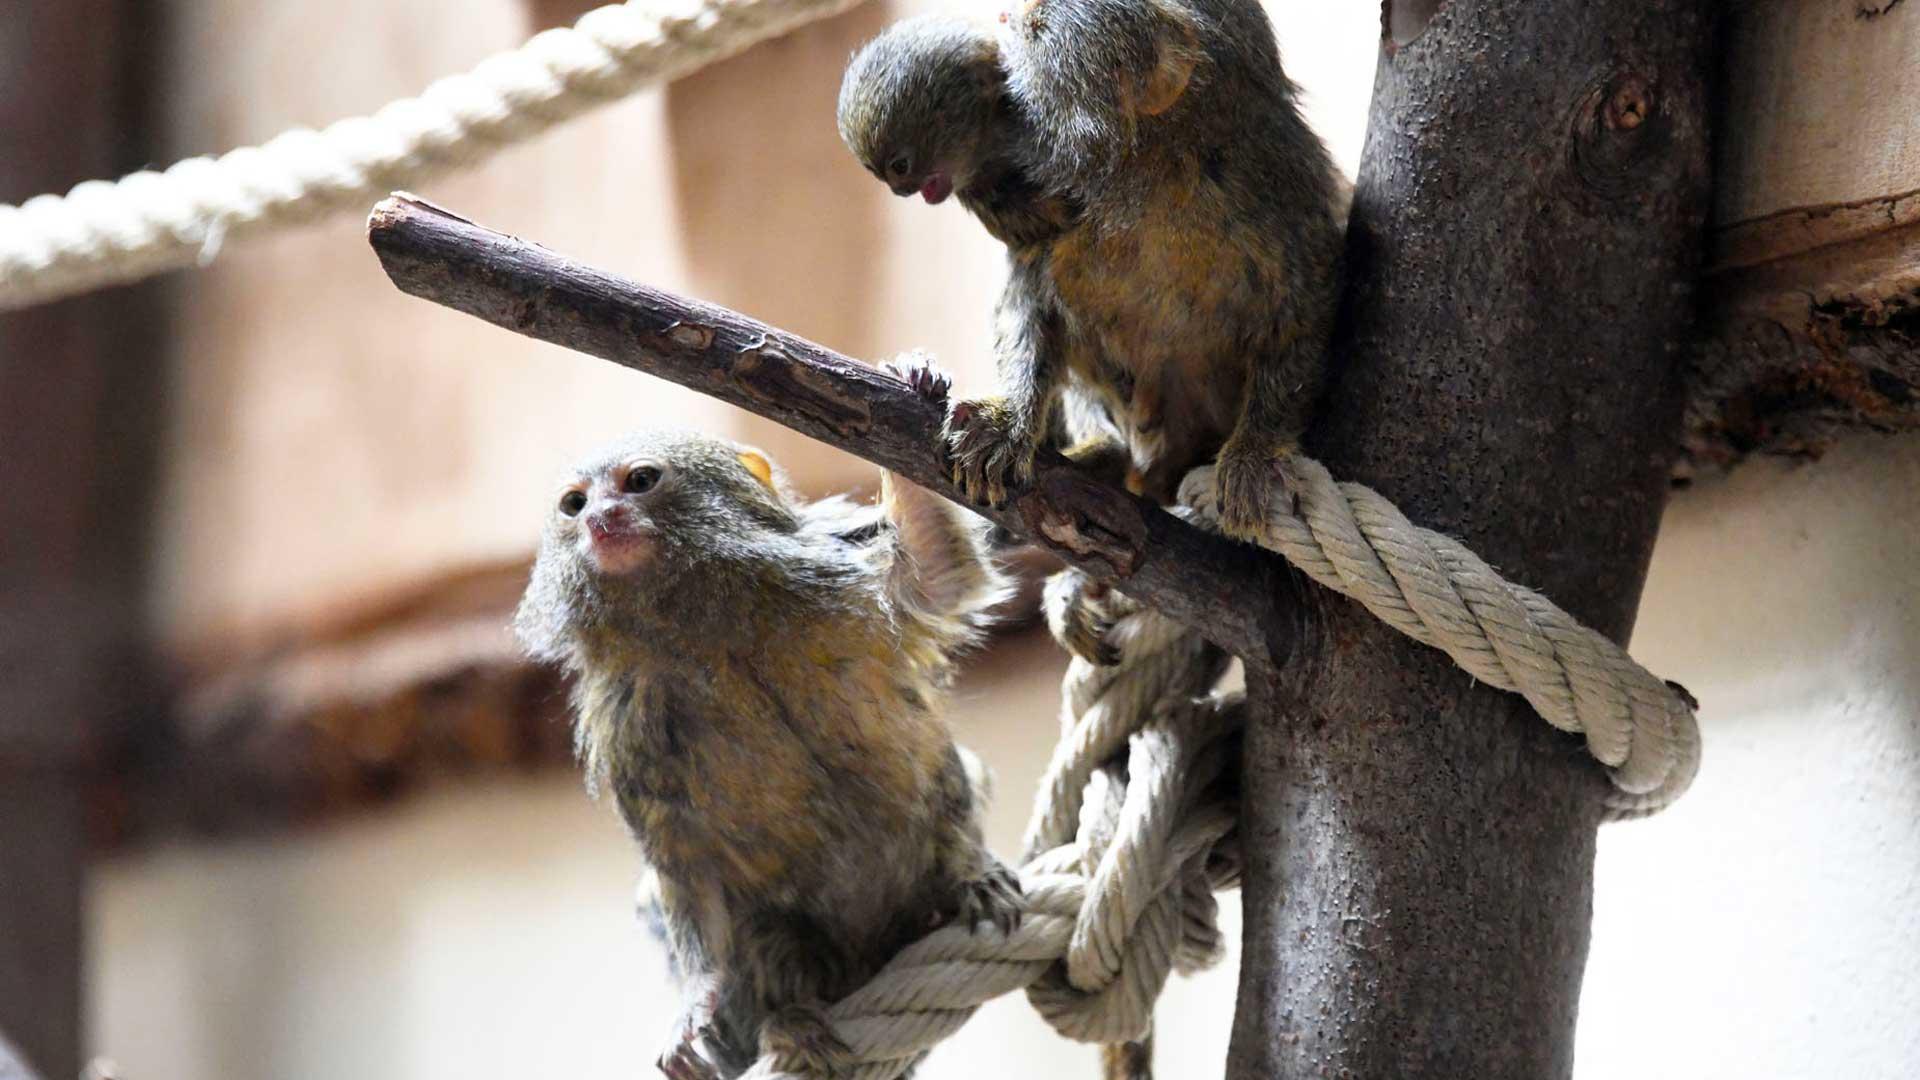 deux bébés « Ouistiti pygmée ».